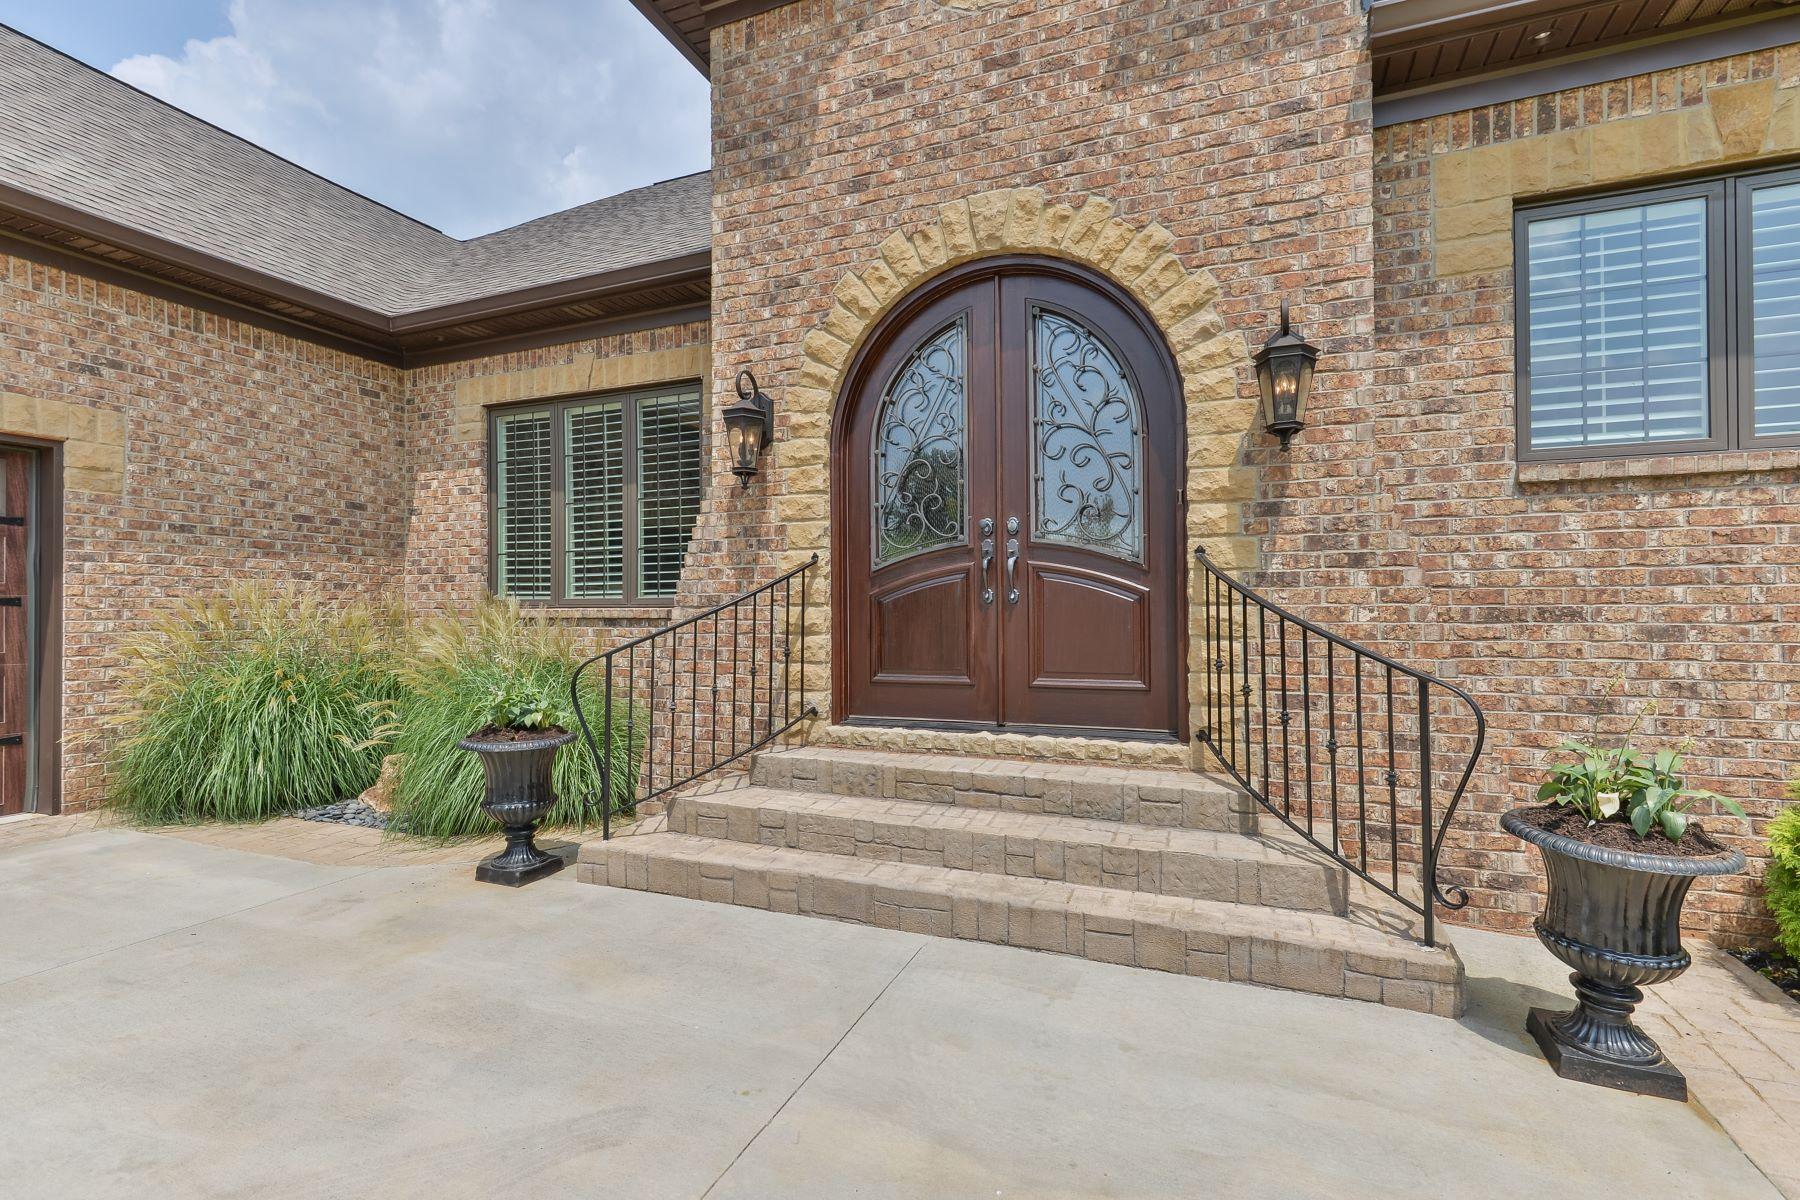 Частный односемейный дом для того Продажа на 5203 Spring Mist Court Prospect, Кентукки, 40059 Соединенные Штаты